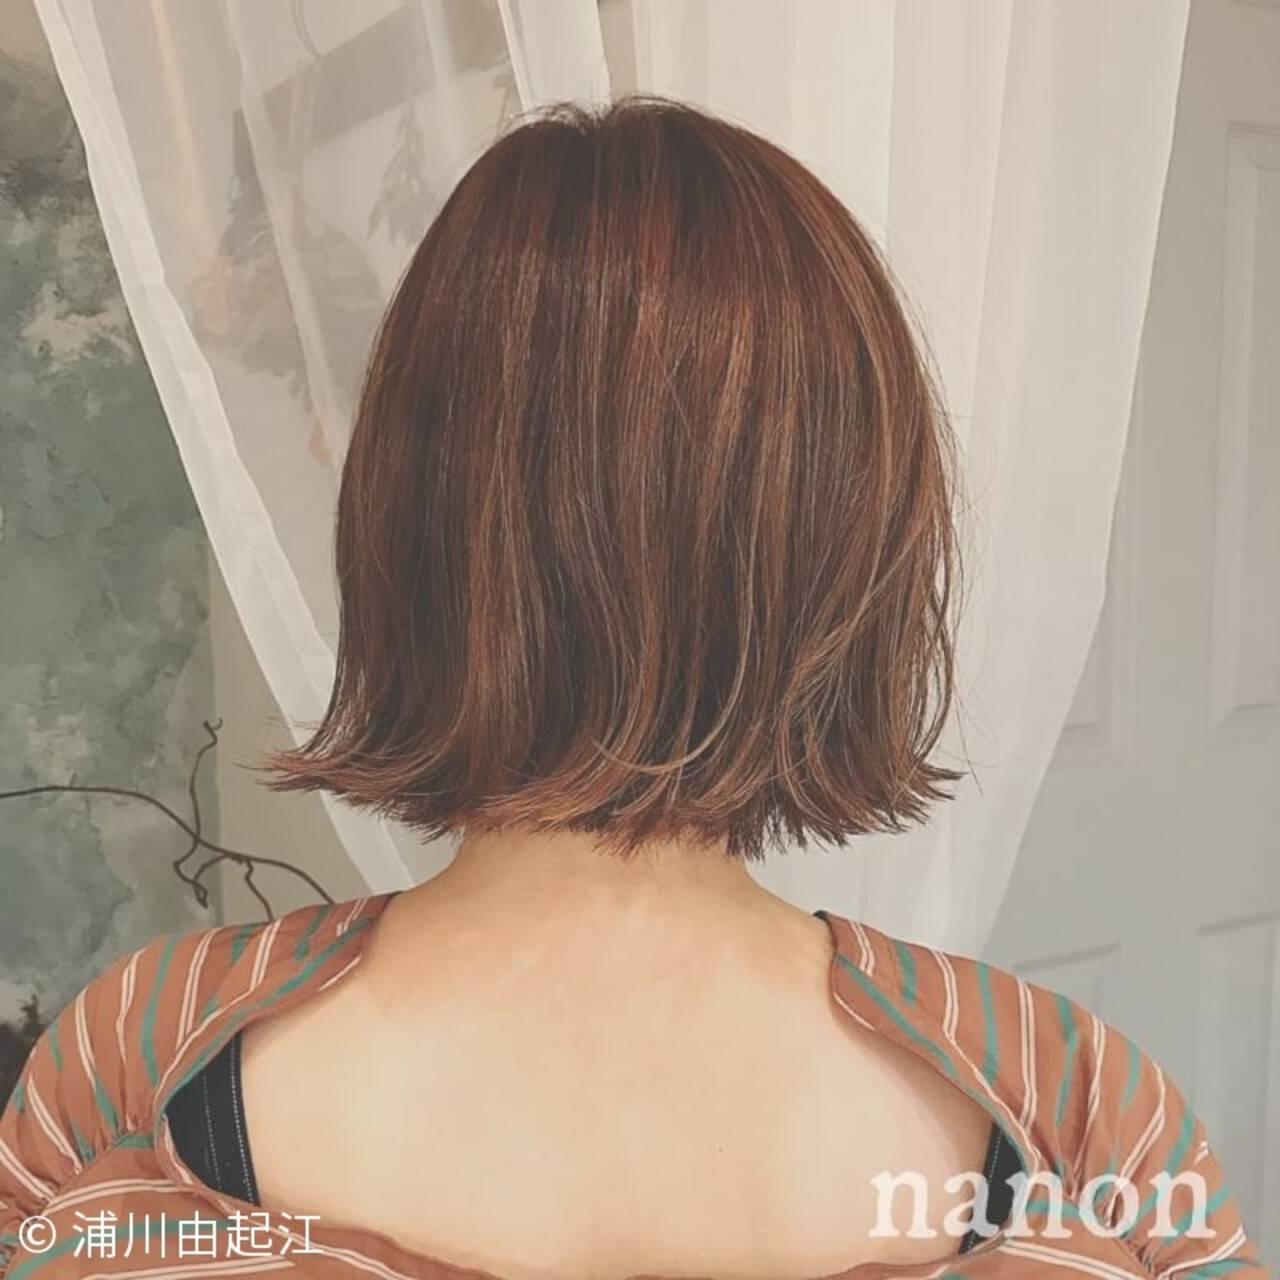 大人かわいい ナチュラル デート アンニュイほつれヘアヘアスタイルや髪型の写真・画像